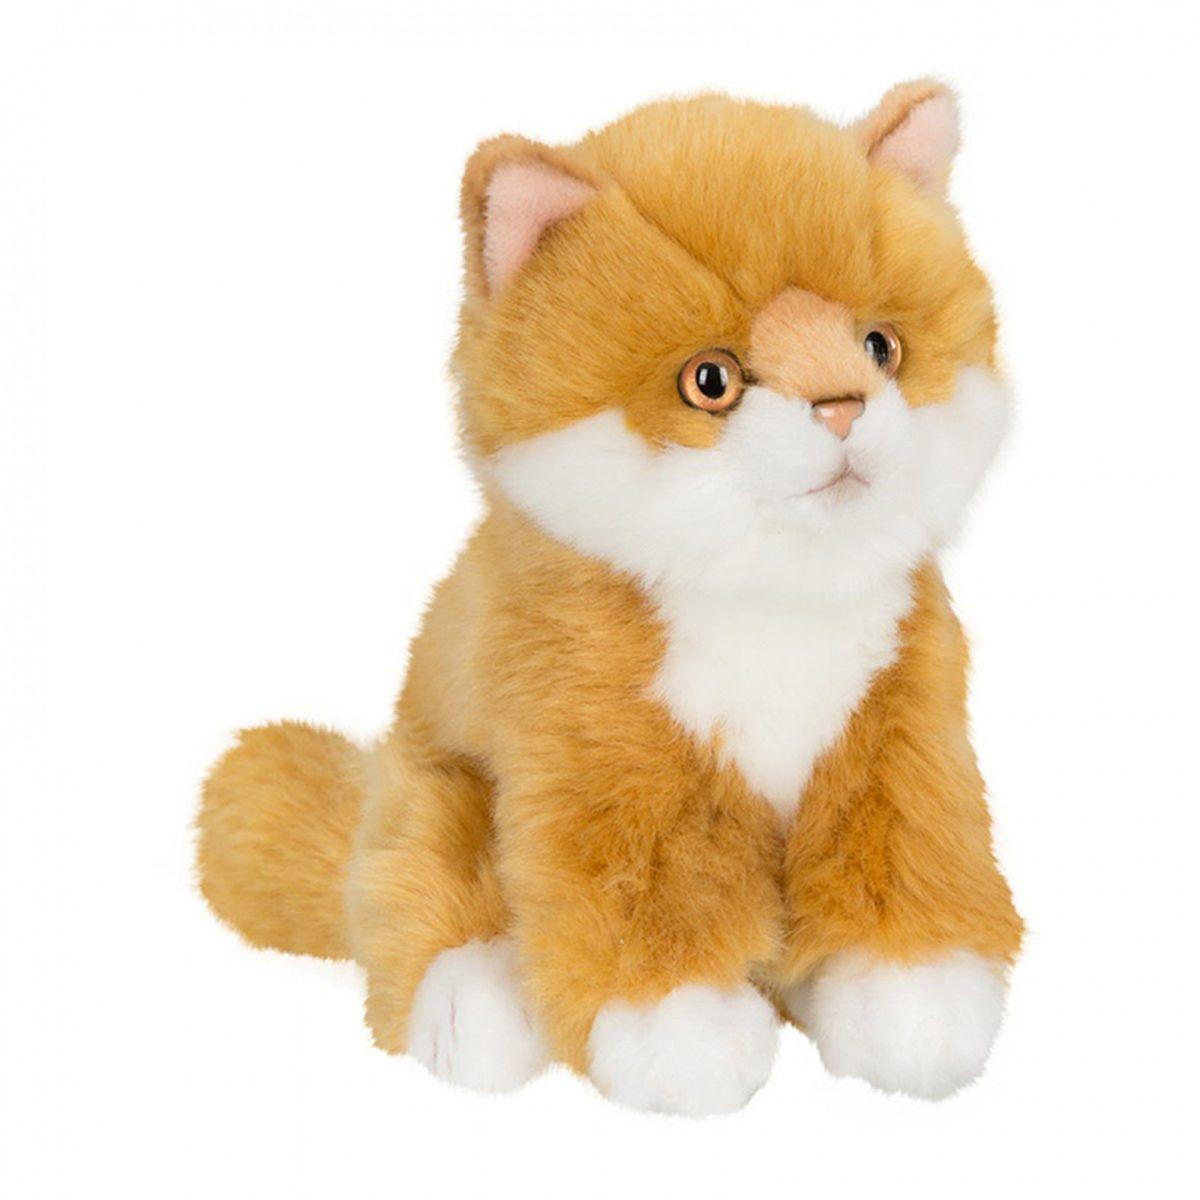 мягкая игрушка котик купить